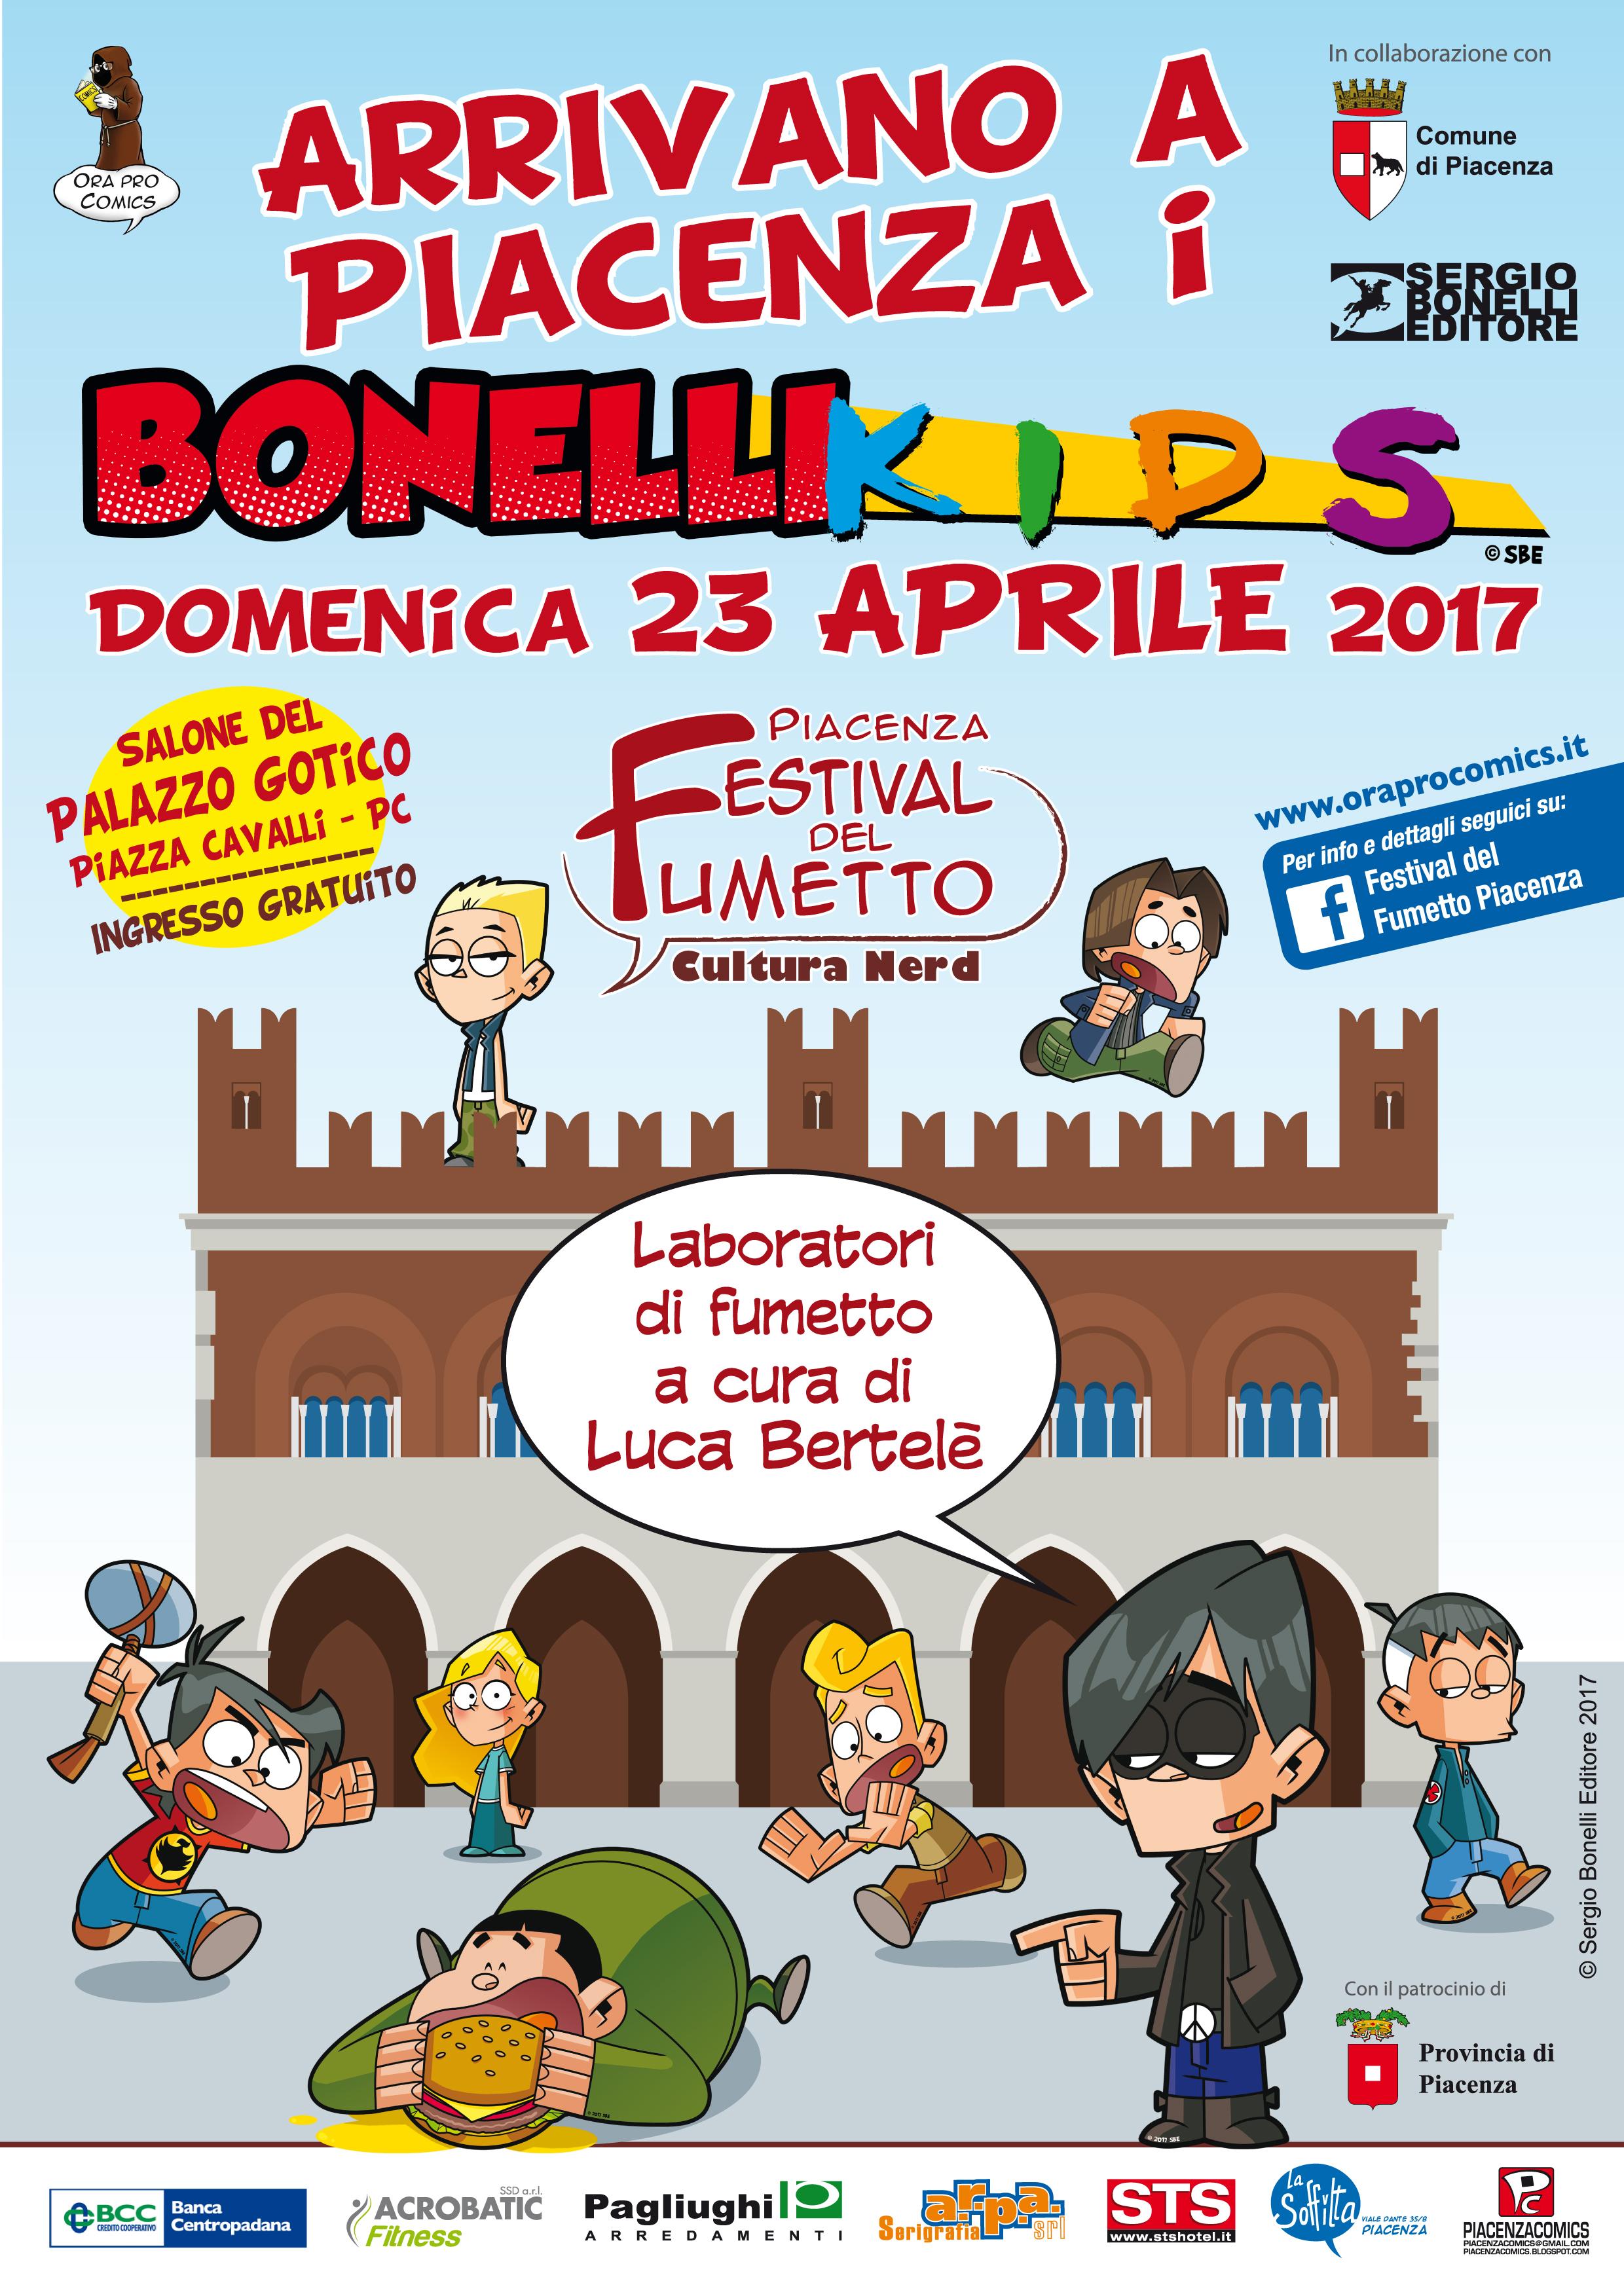 Arrivano i Bonelli Kids!